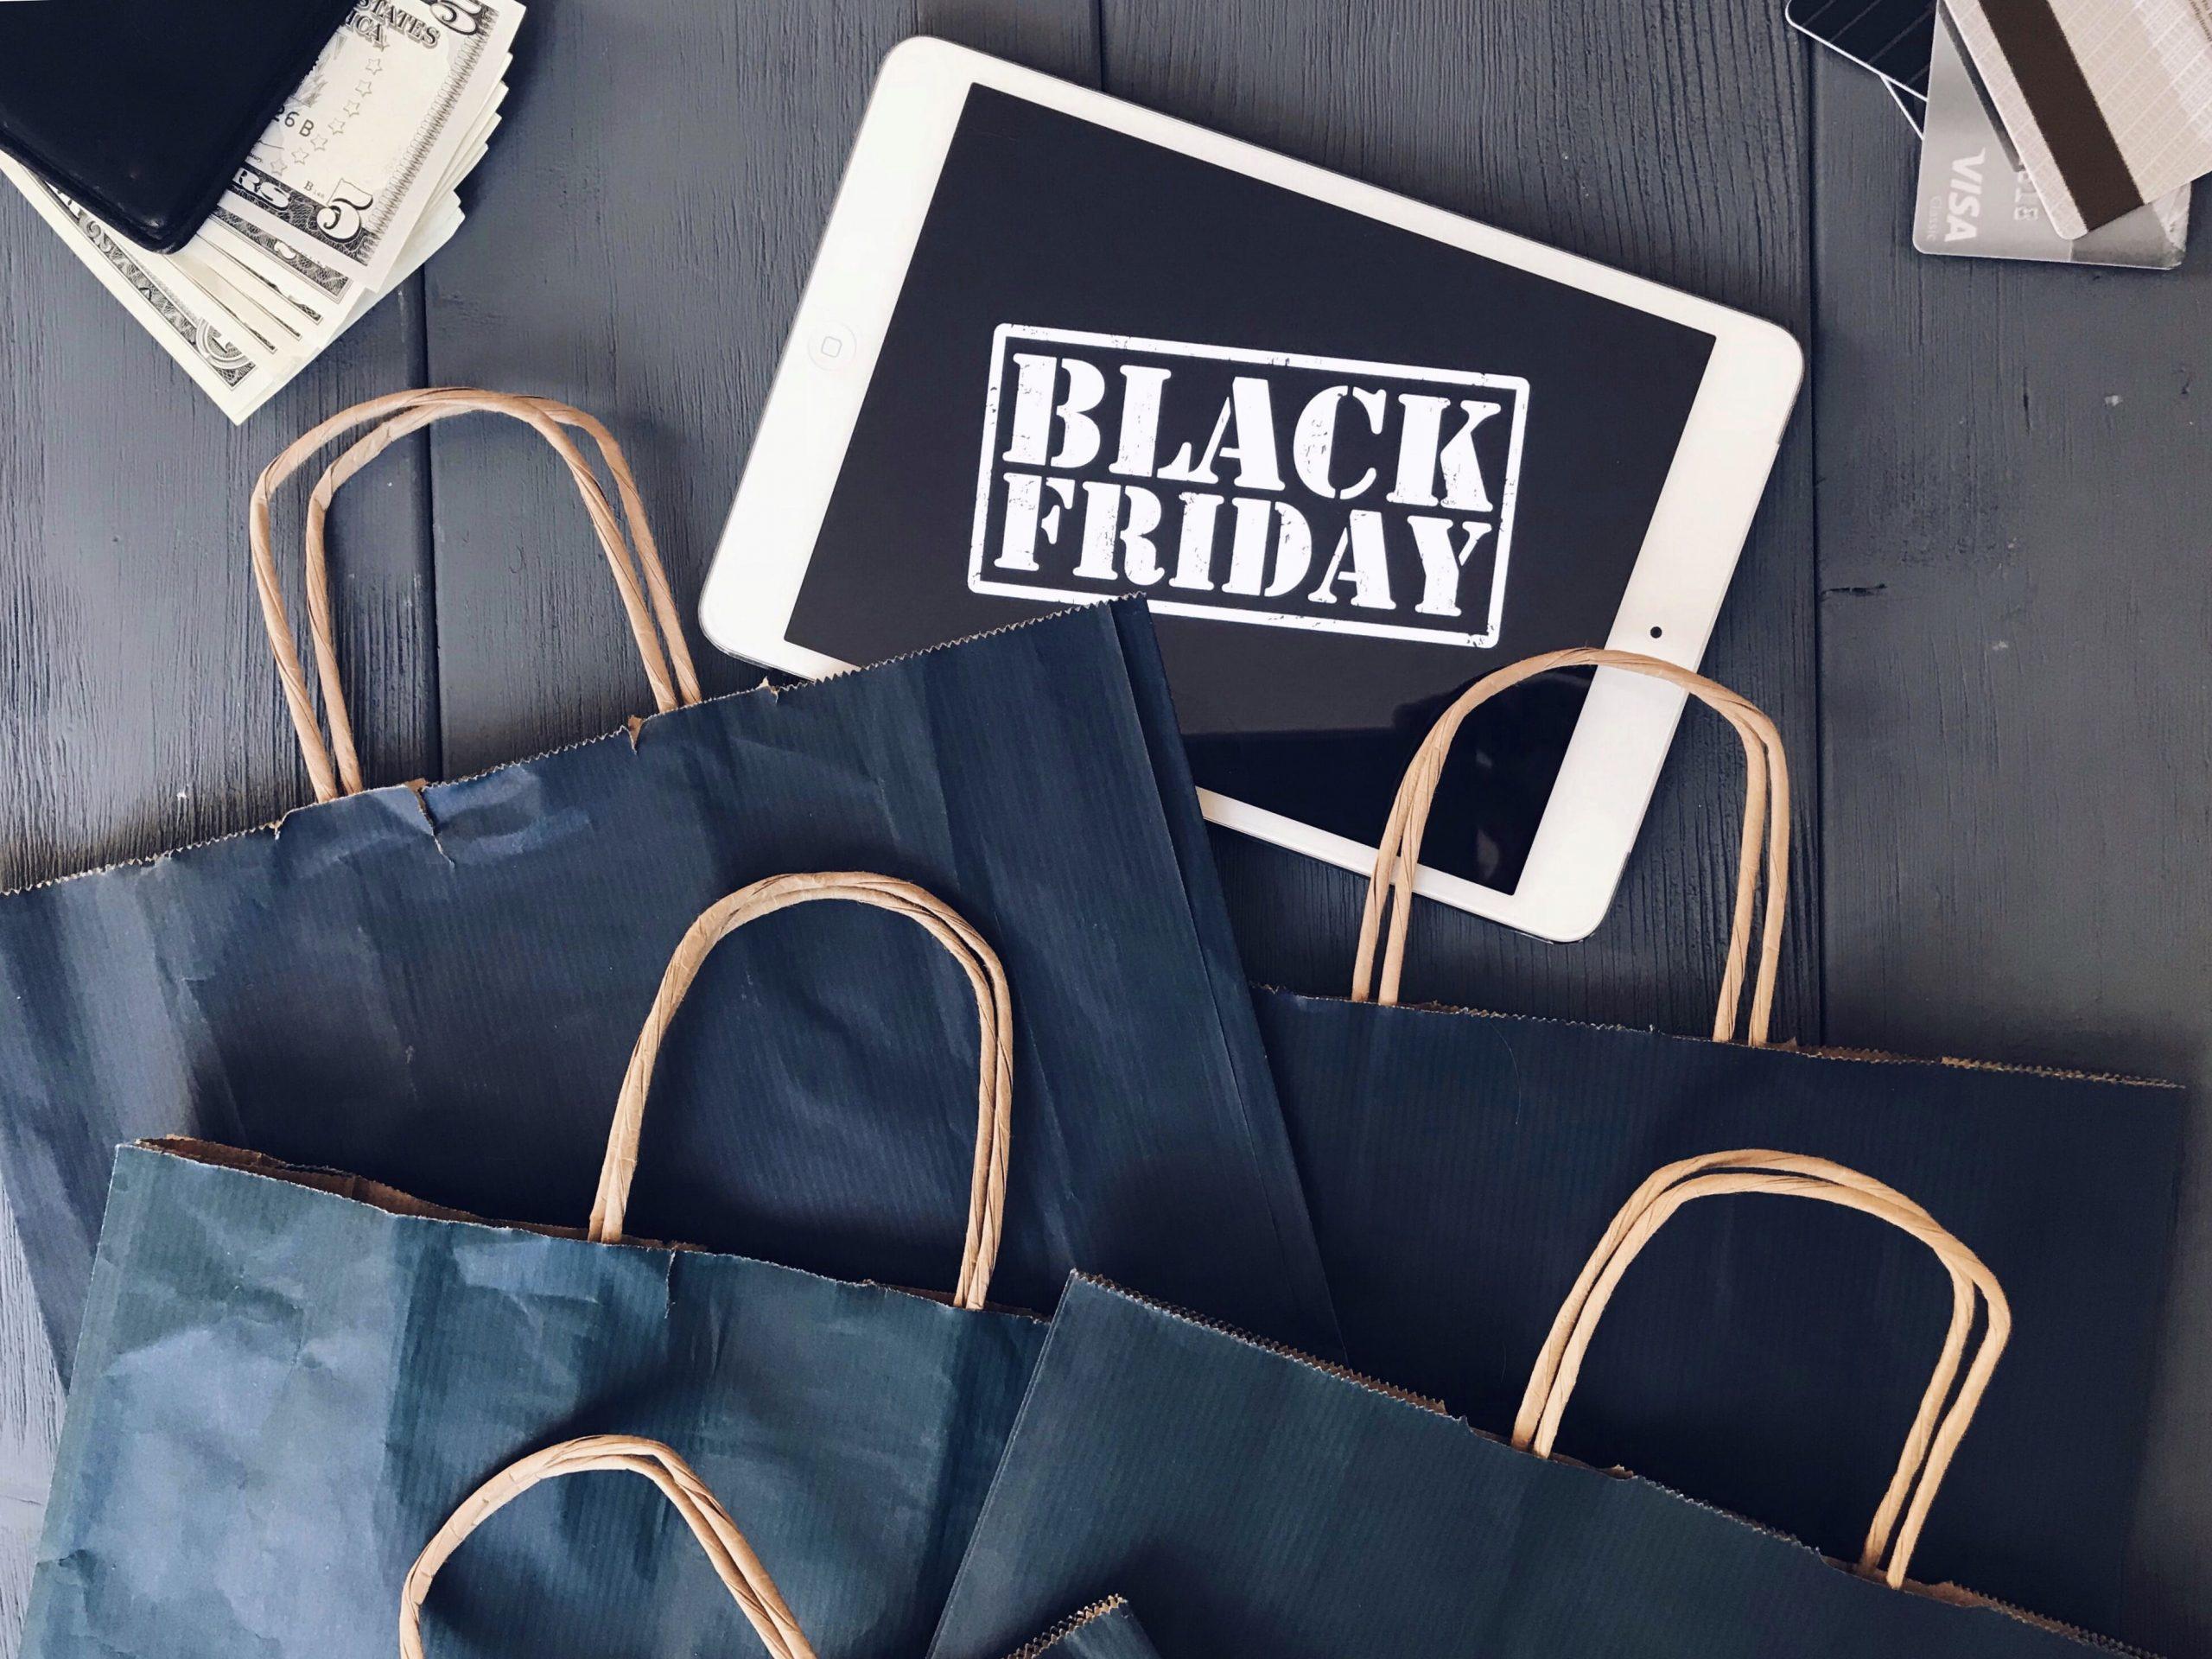 Conheça 10 comparadores de preços para usar nas compras Black Friday